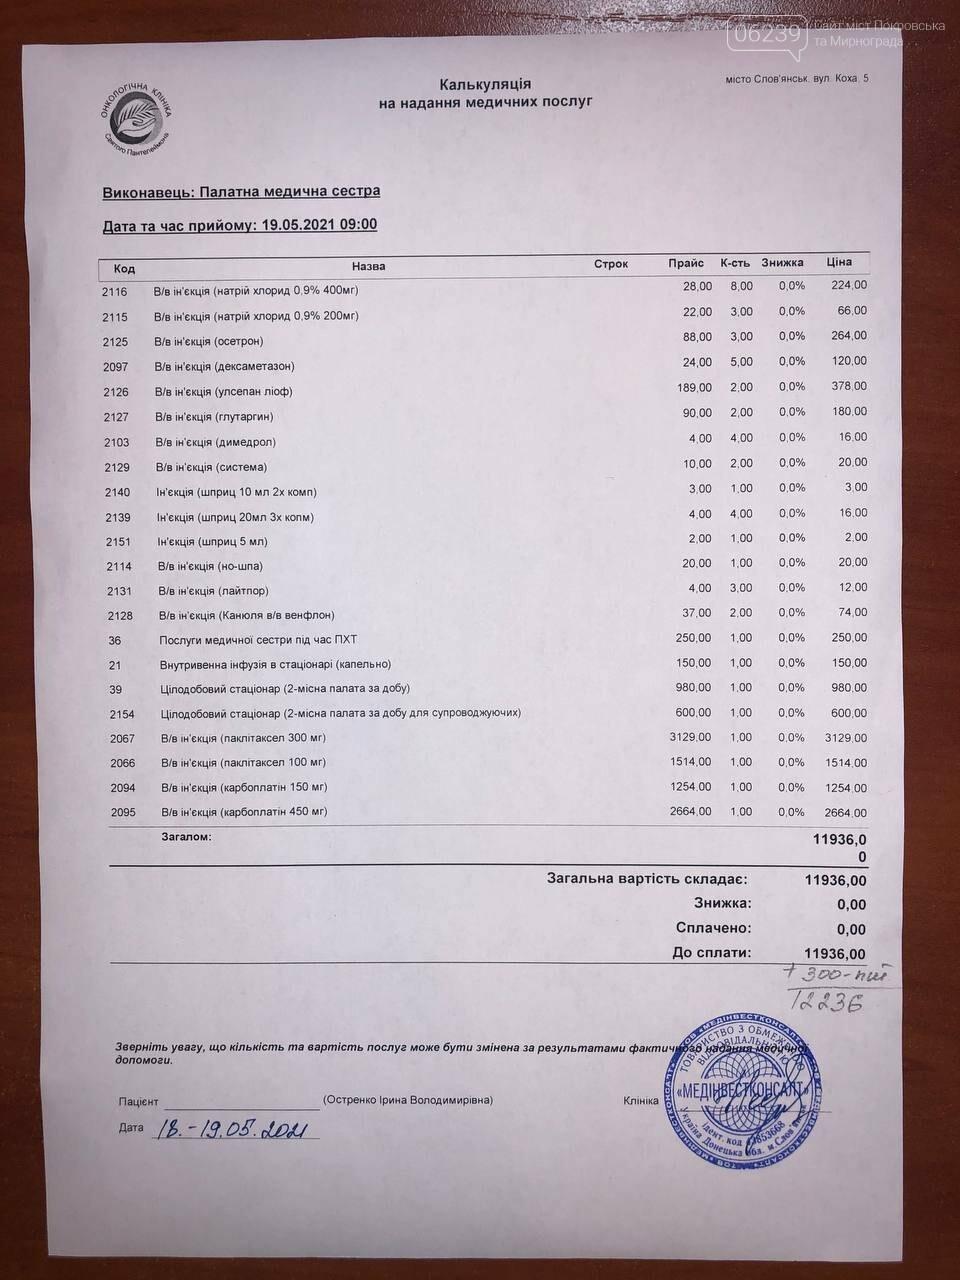 Необходима помощь учительнице из Покровска Ирине Остренко: открыт сбор средств на химиотерапию, фото-4